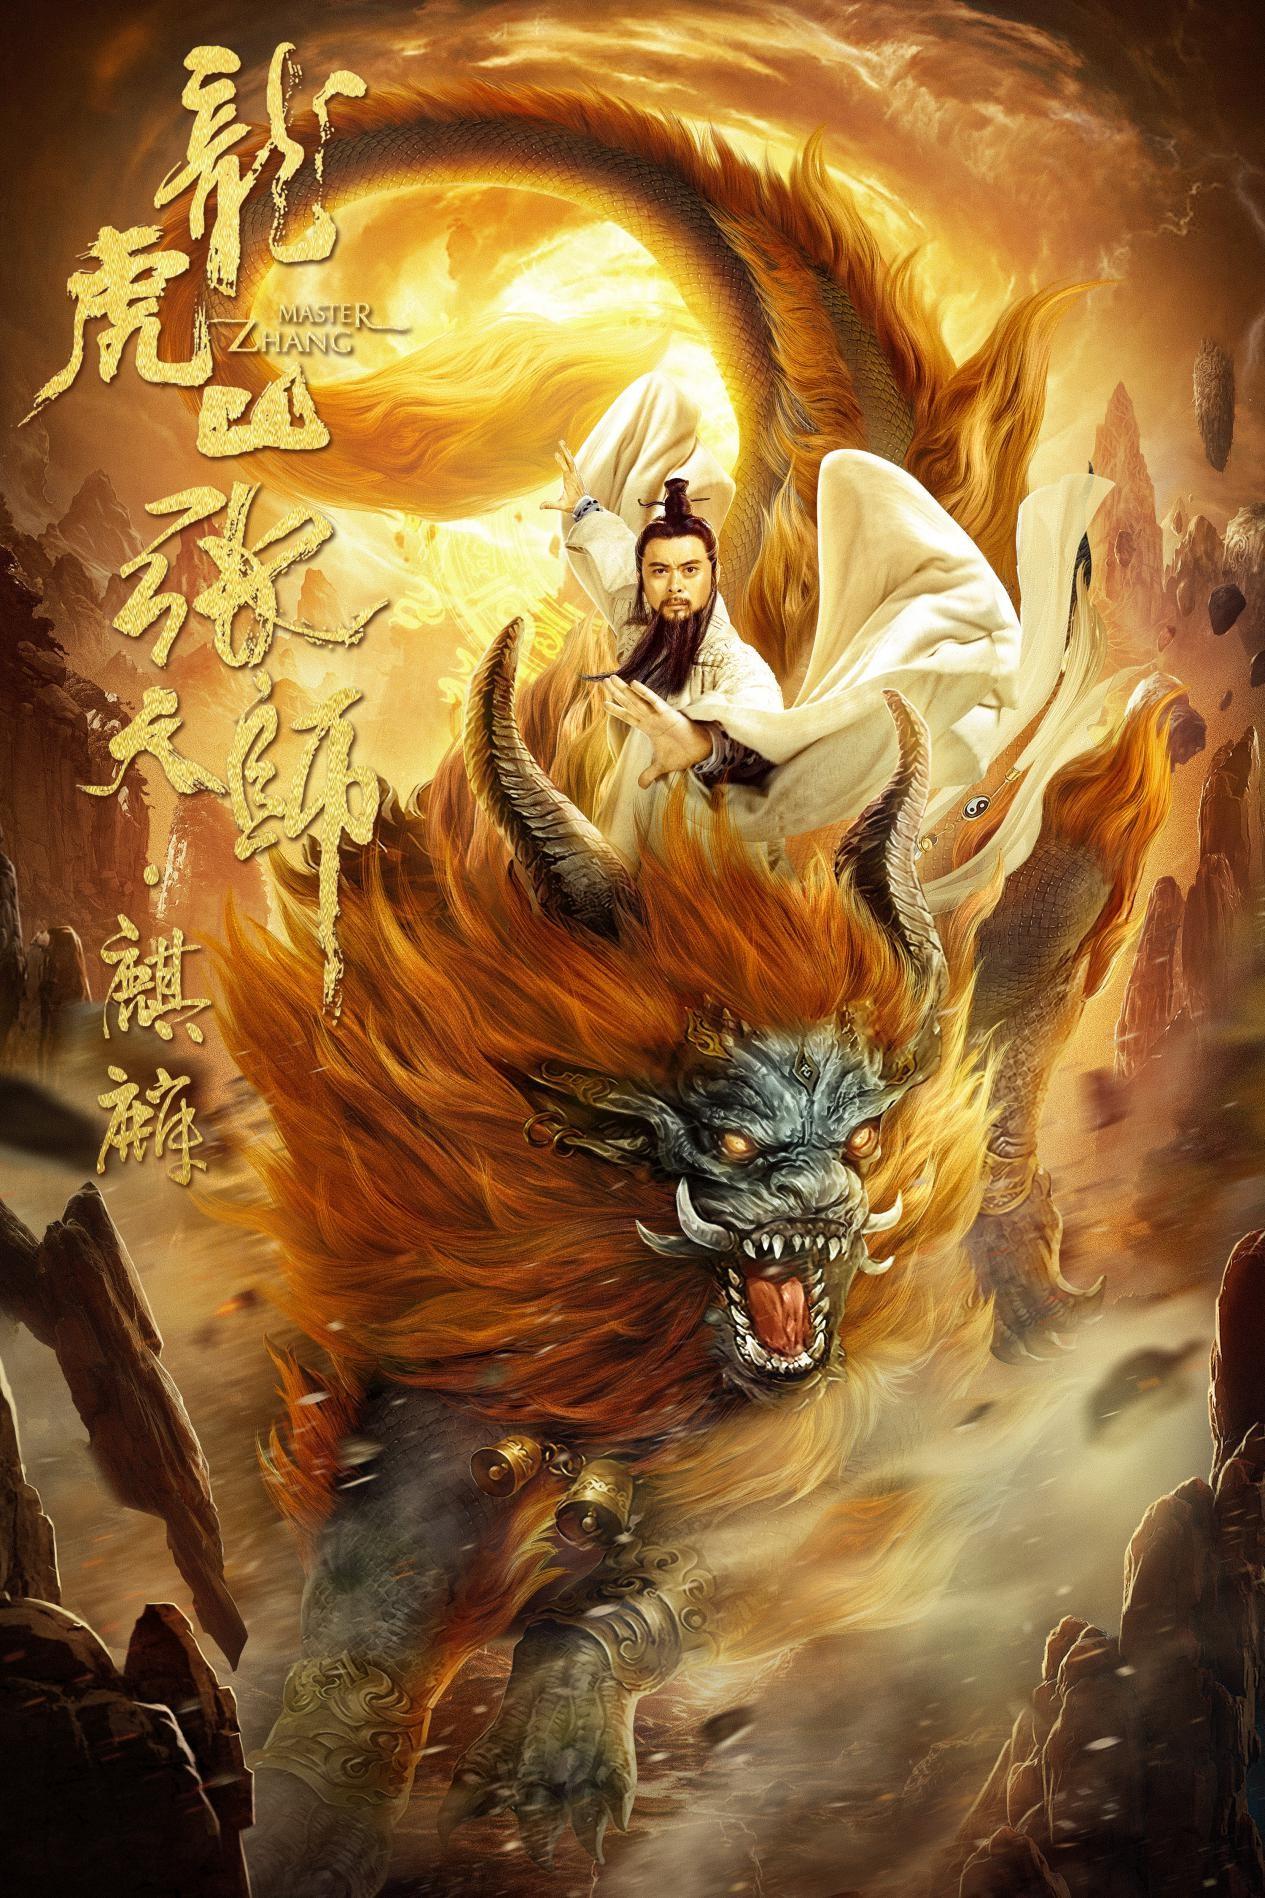 《龙虎山张天师·麒麟》海报.jpg